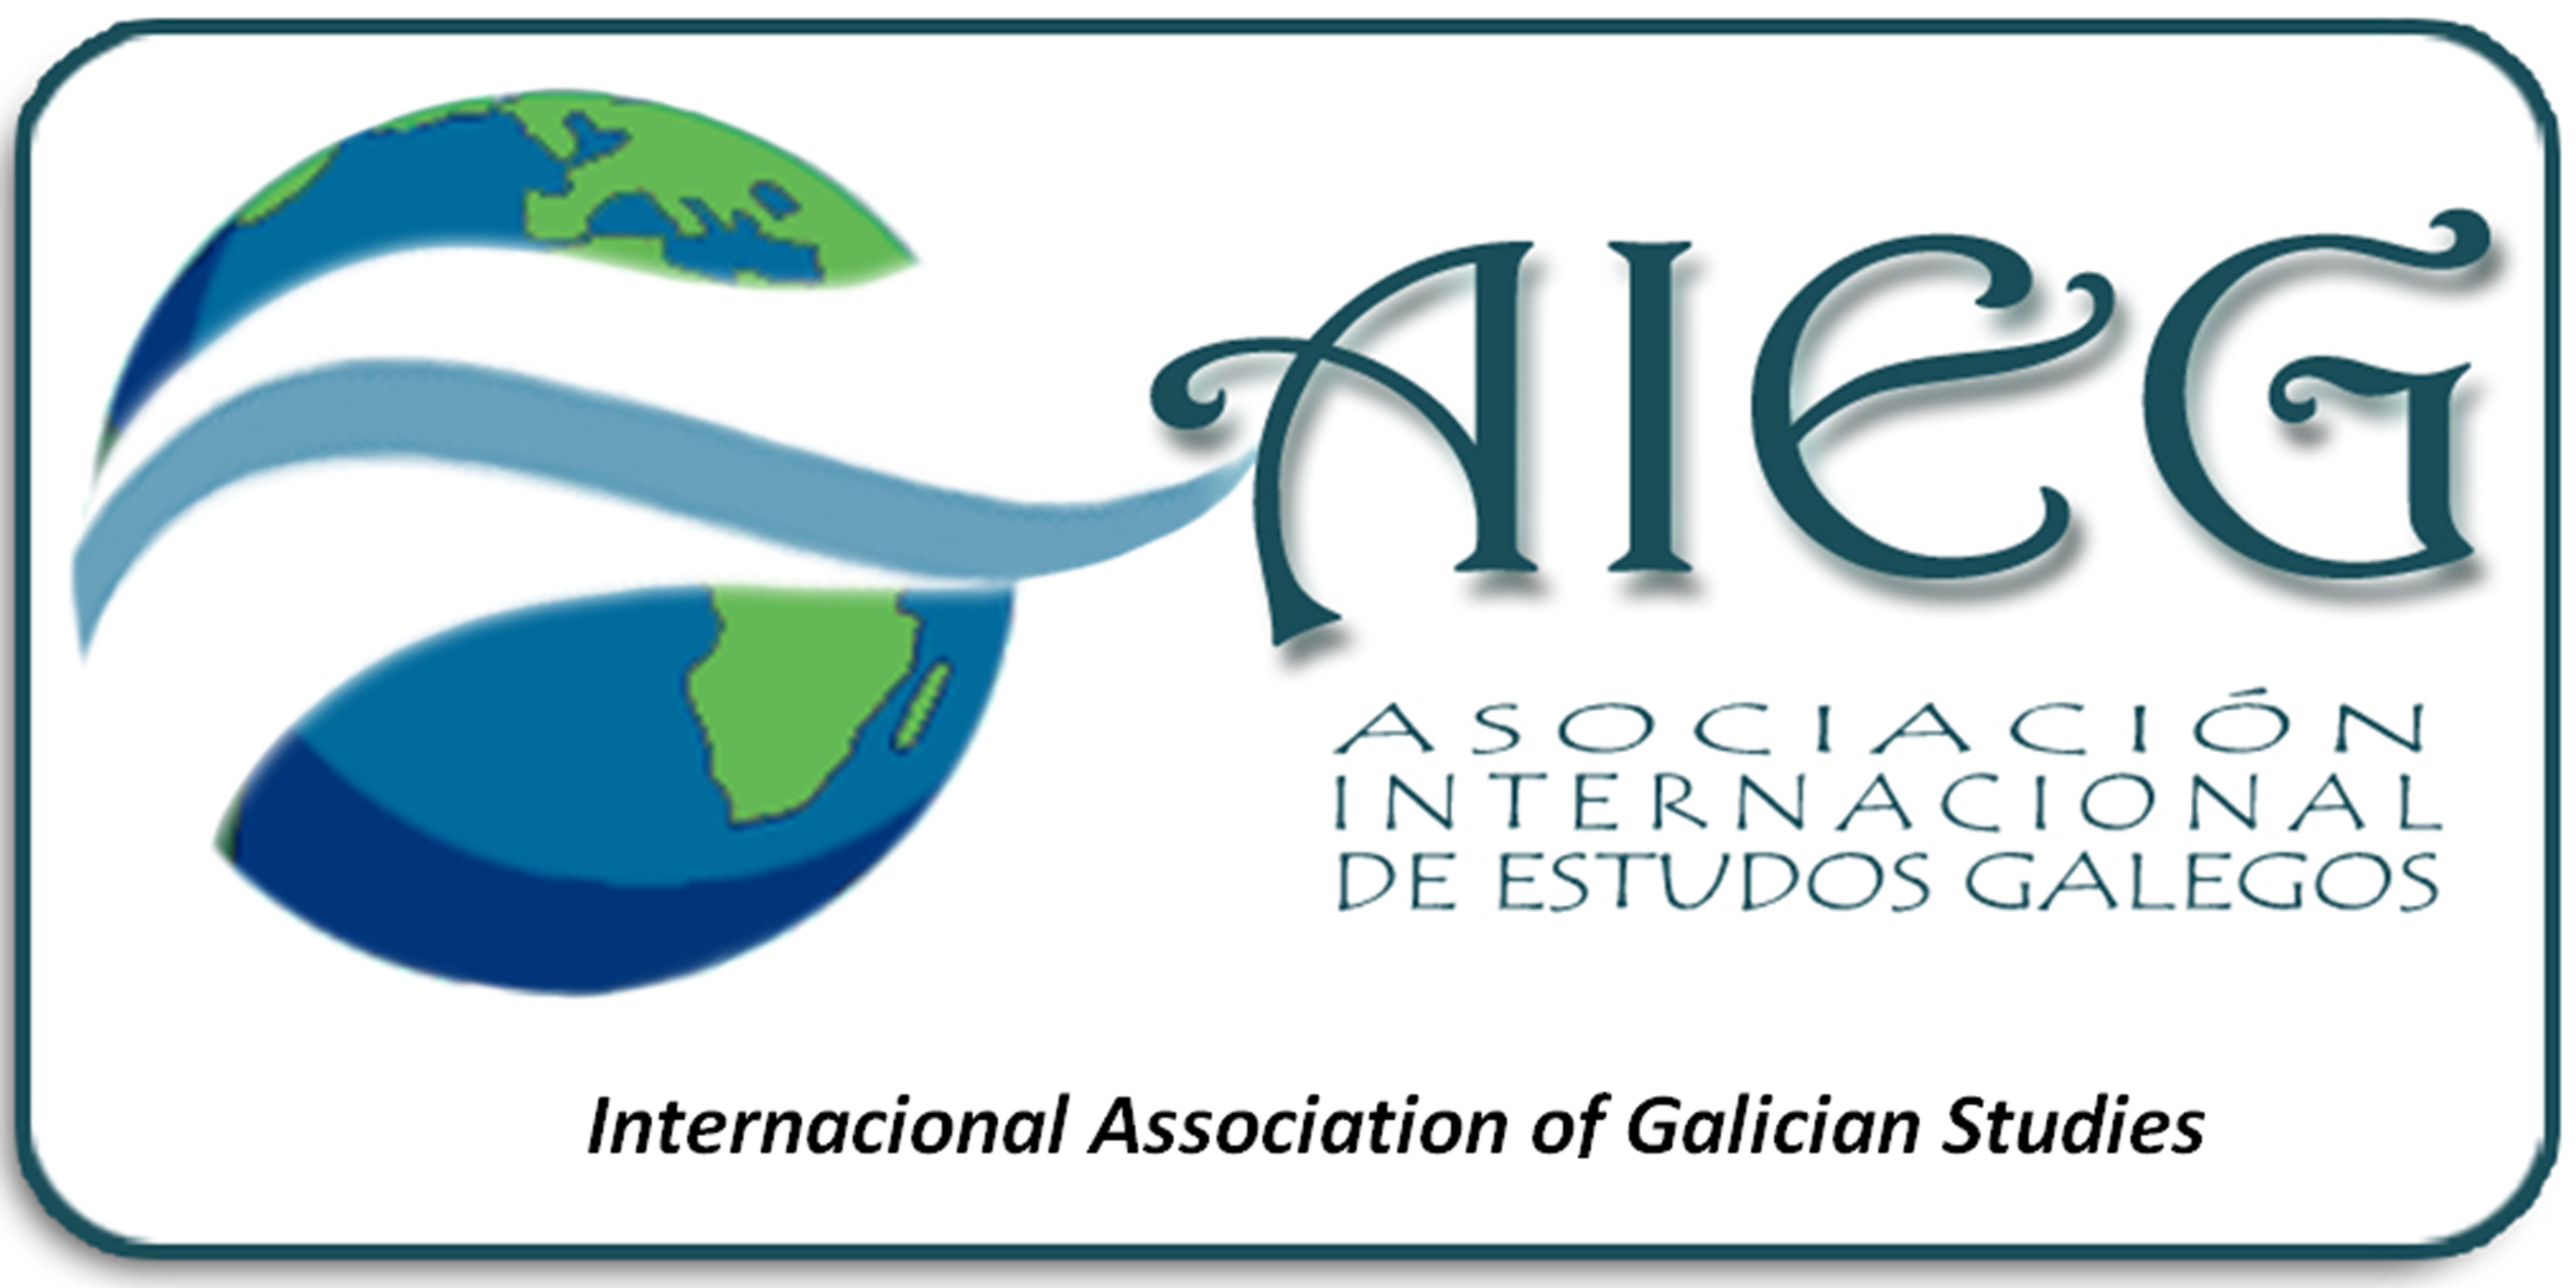 Asociación Internacional de estudos galegos